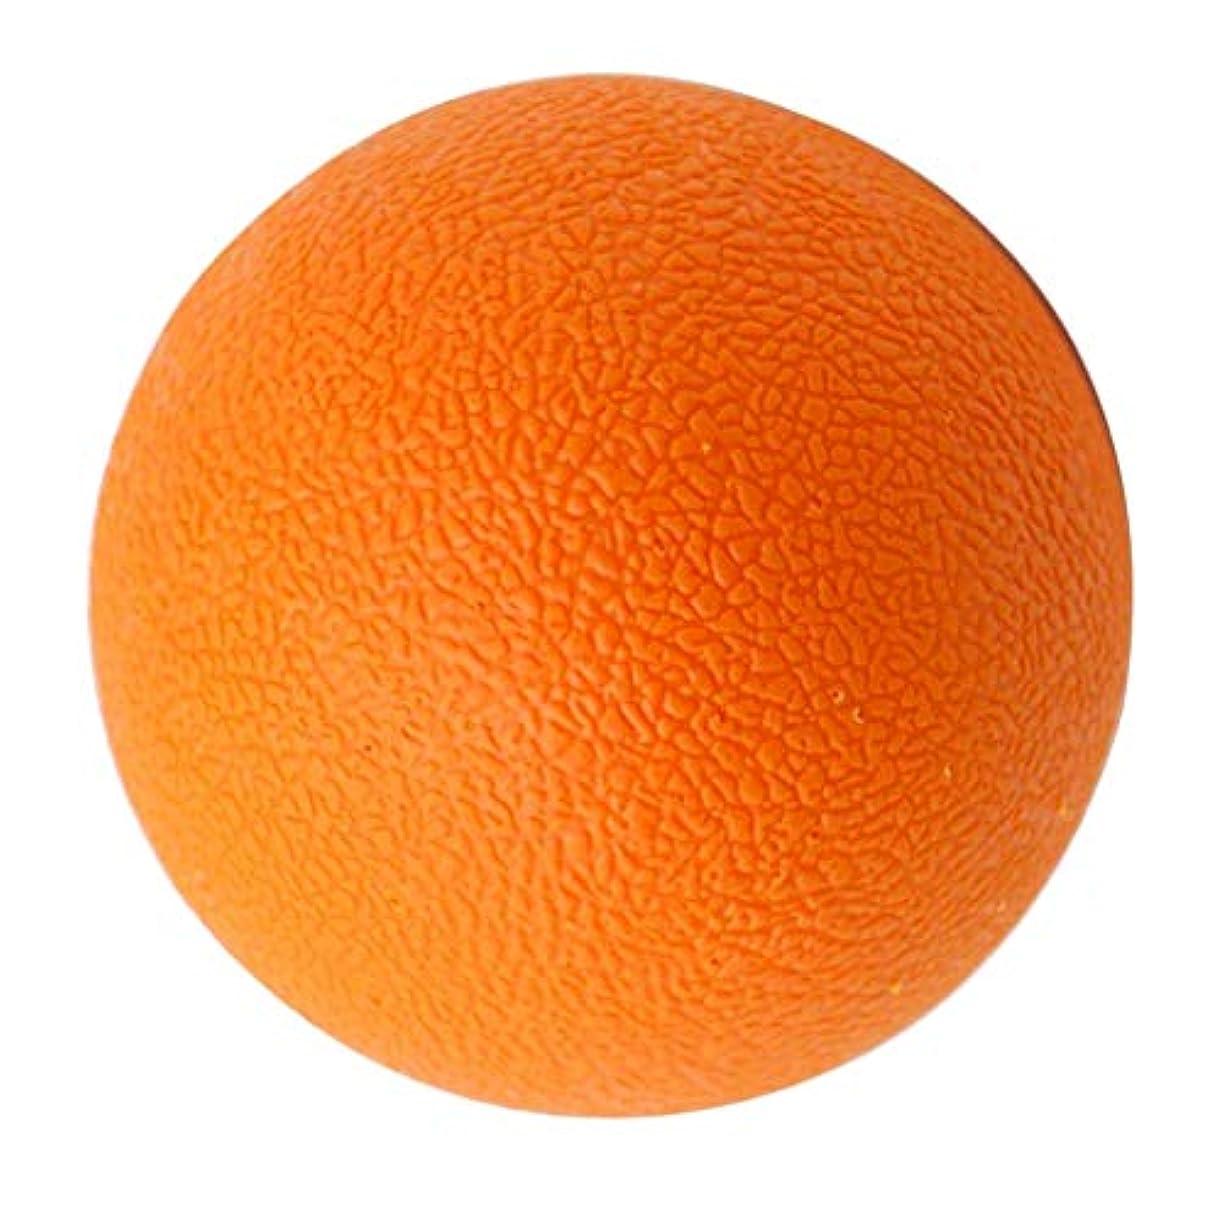 密輸指標反毒CUTICATE ラクロスボール マッサージボール トリガーポイント 筋膜リリース 腕、首、背中 解消 オレンジ